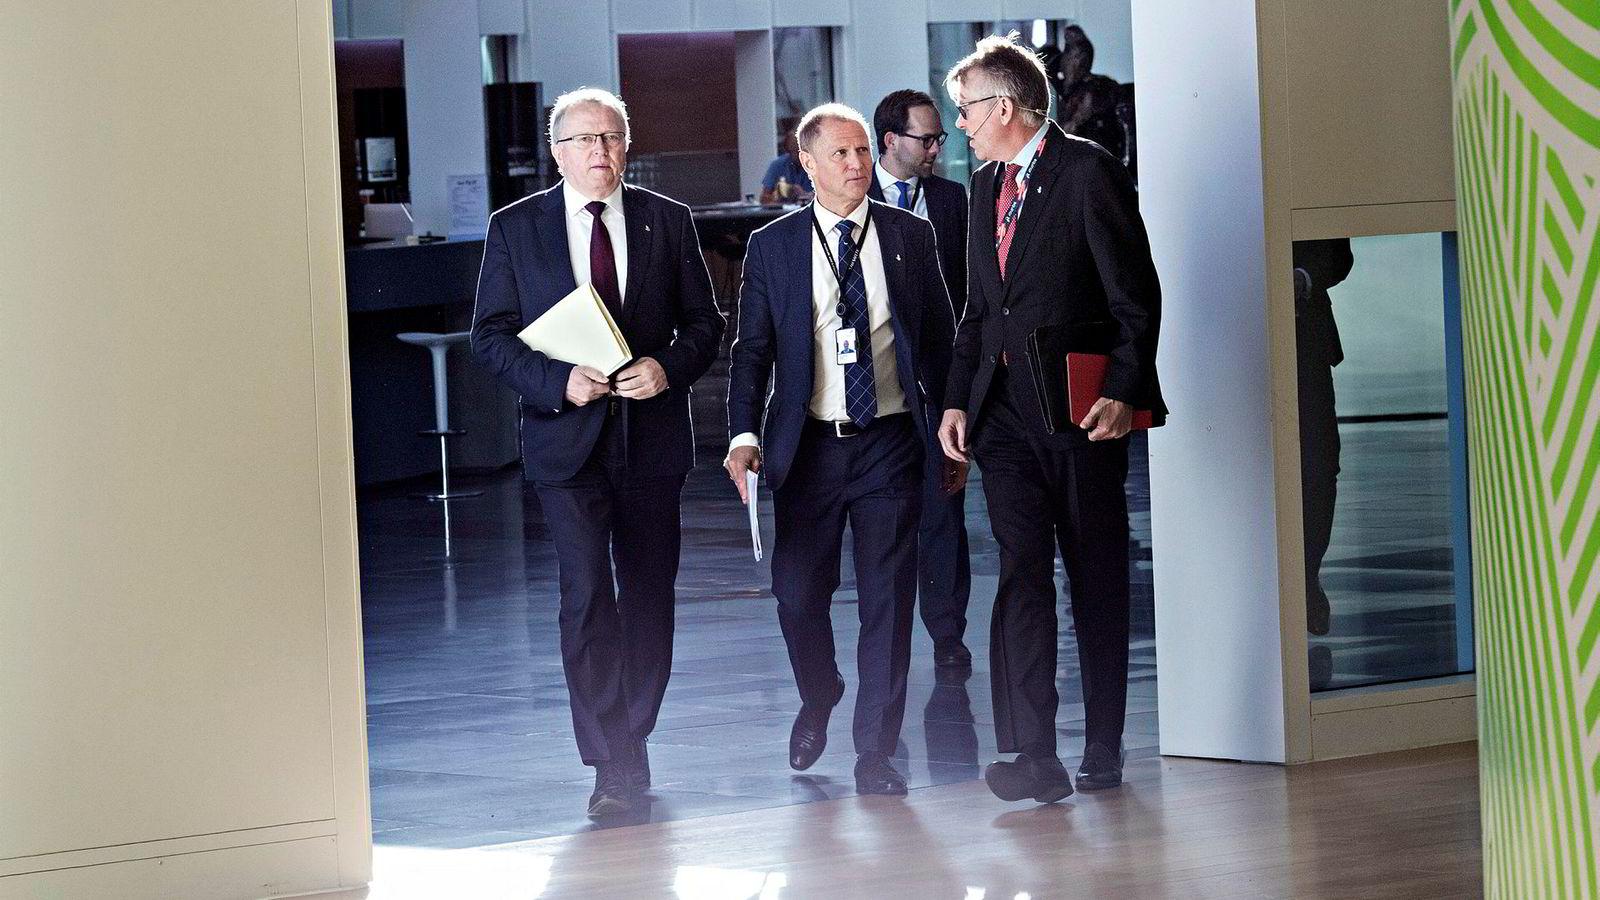 Equinor-sjef Eldar Sætre (til venstre) ankom kvartalspresentasjonen med noe som minnet en glorie, dannet av baklys i Equinors lokaler. Finansdirektør Lars Christian Bacher og kommunikasjonsdirektør Reidar Gjærum fulgte med.